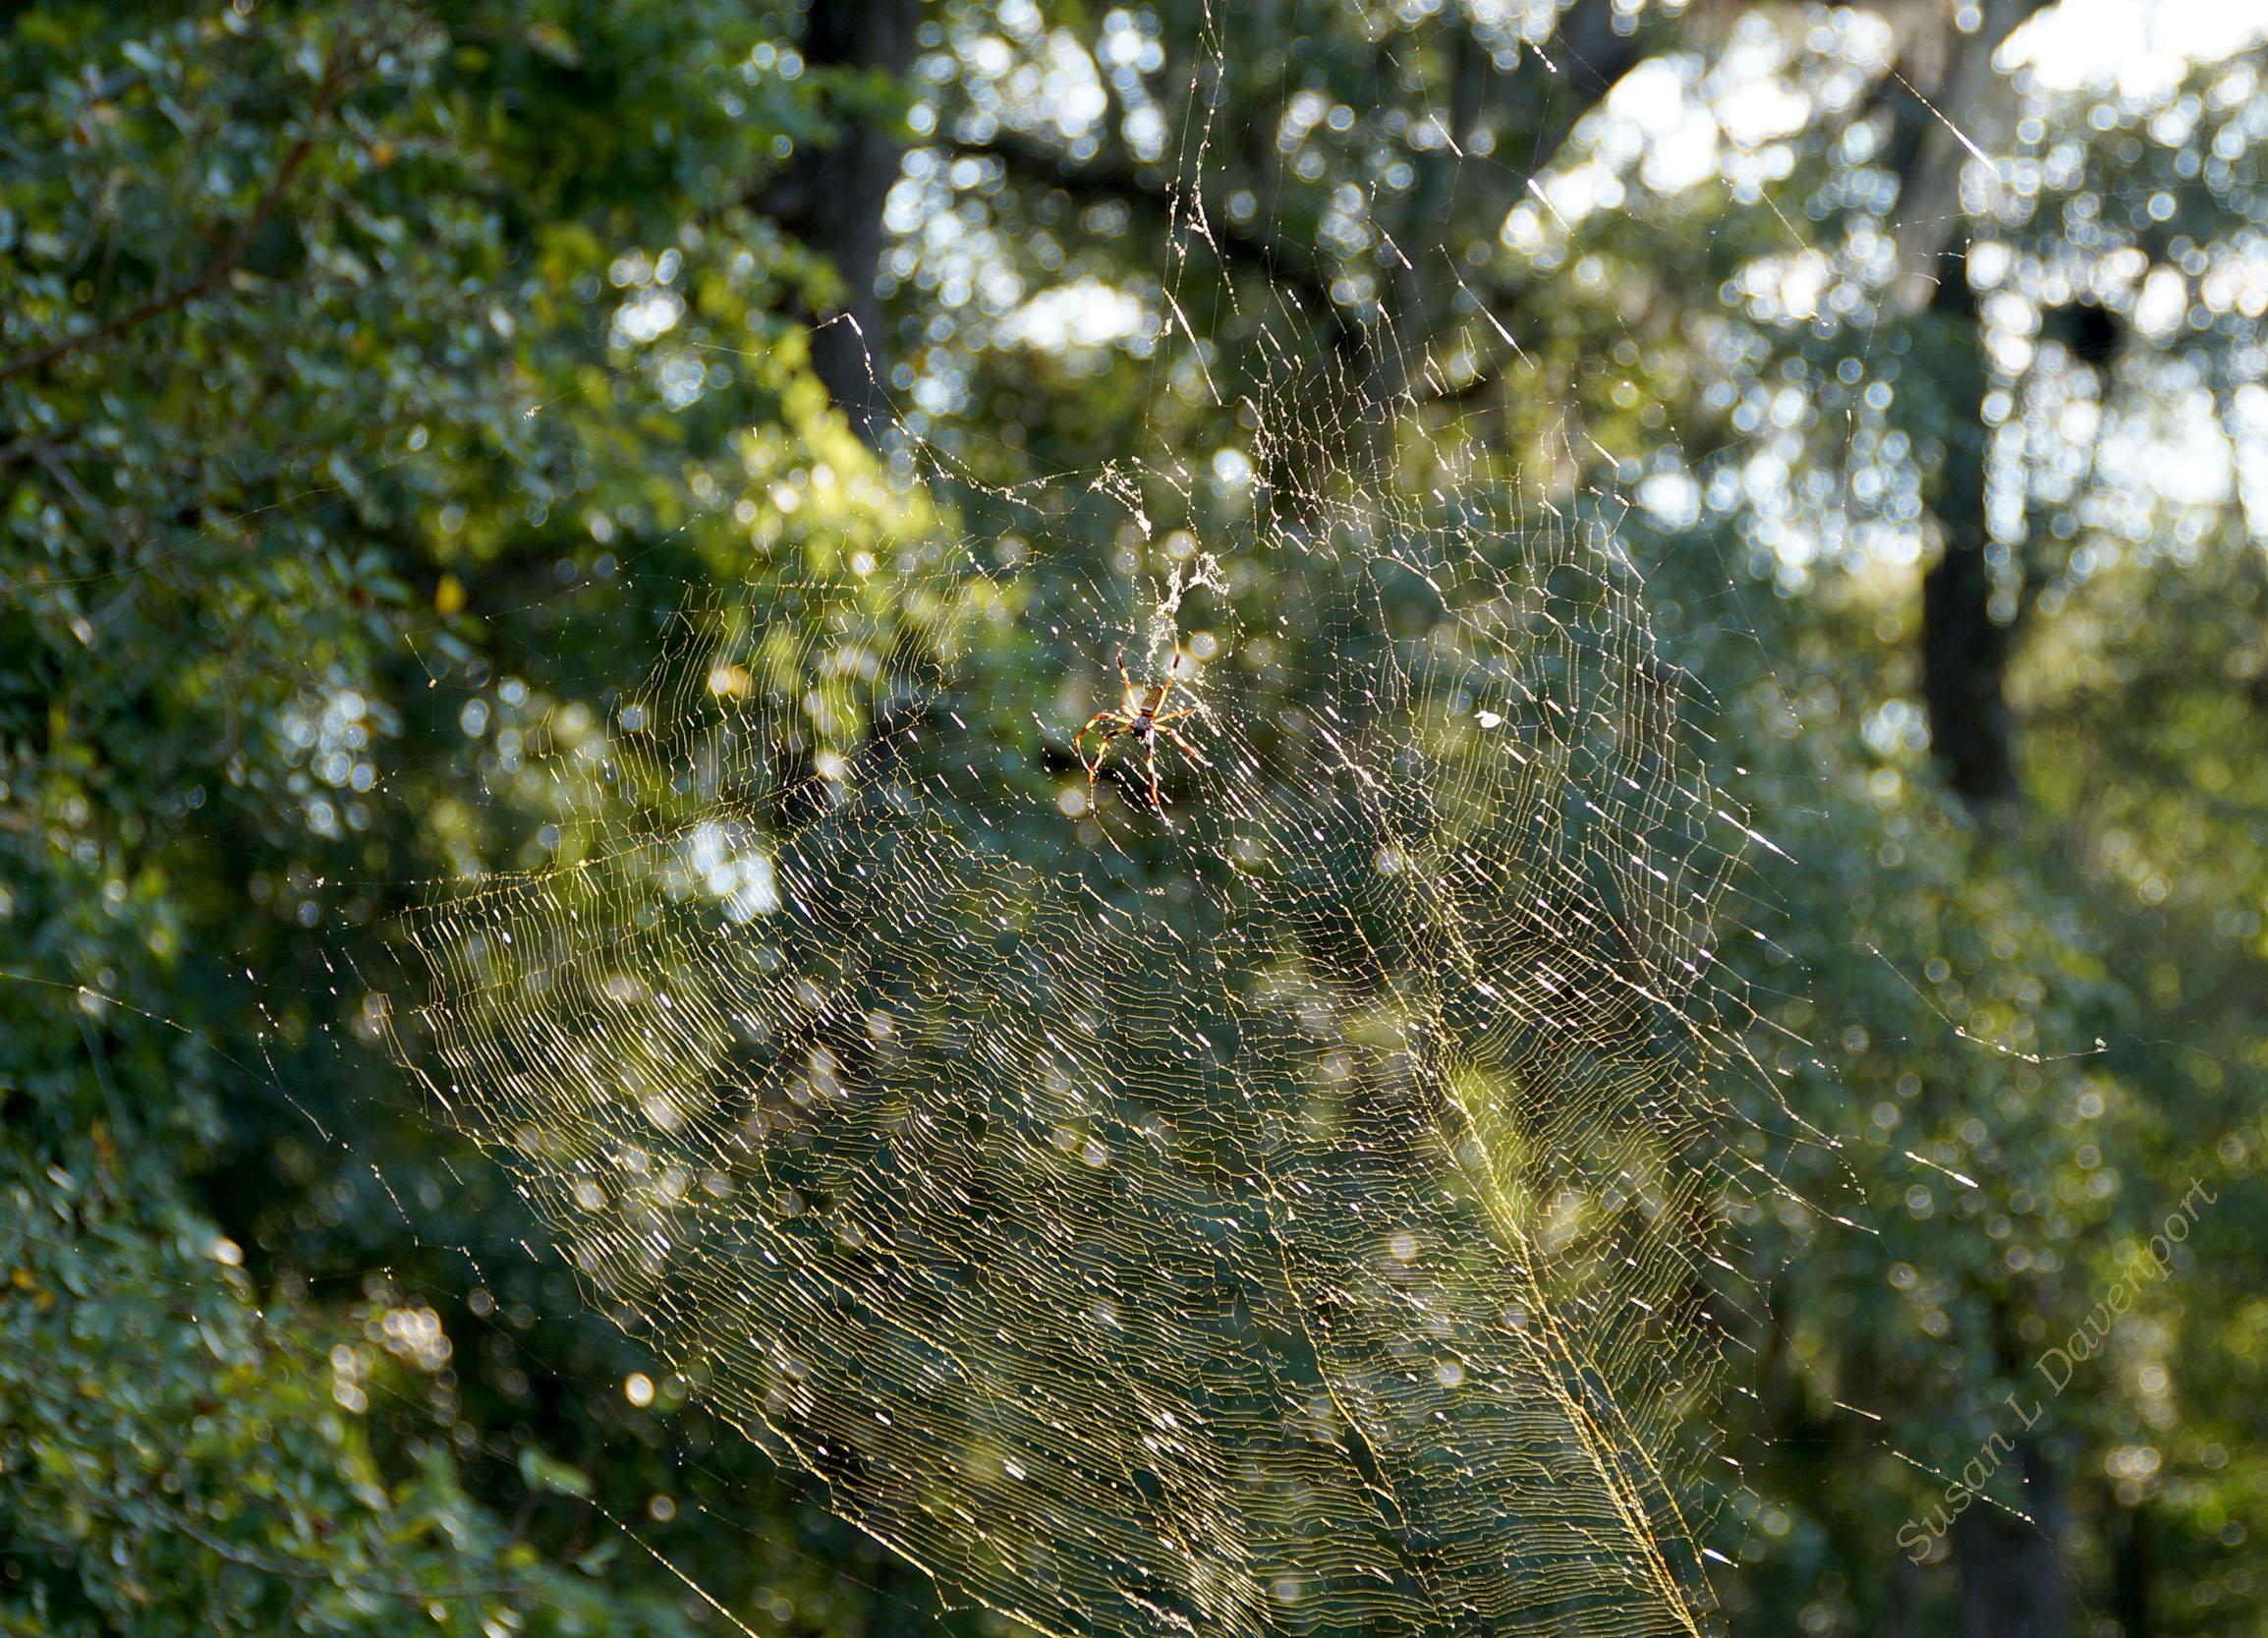 Golden Orb Spider: Sunlight on gold